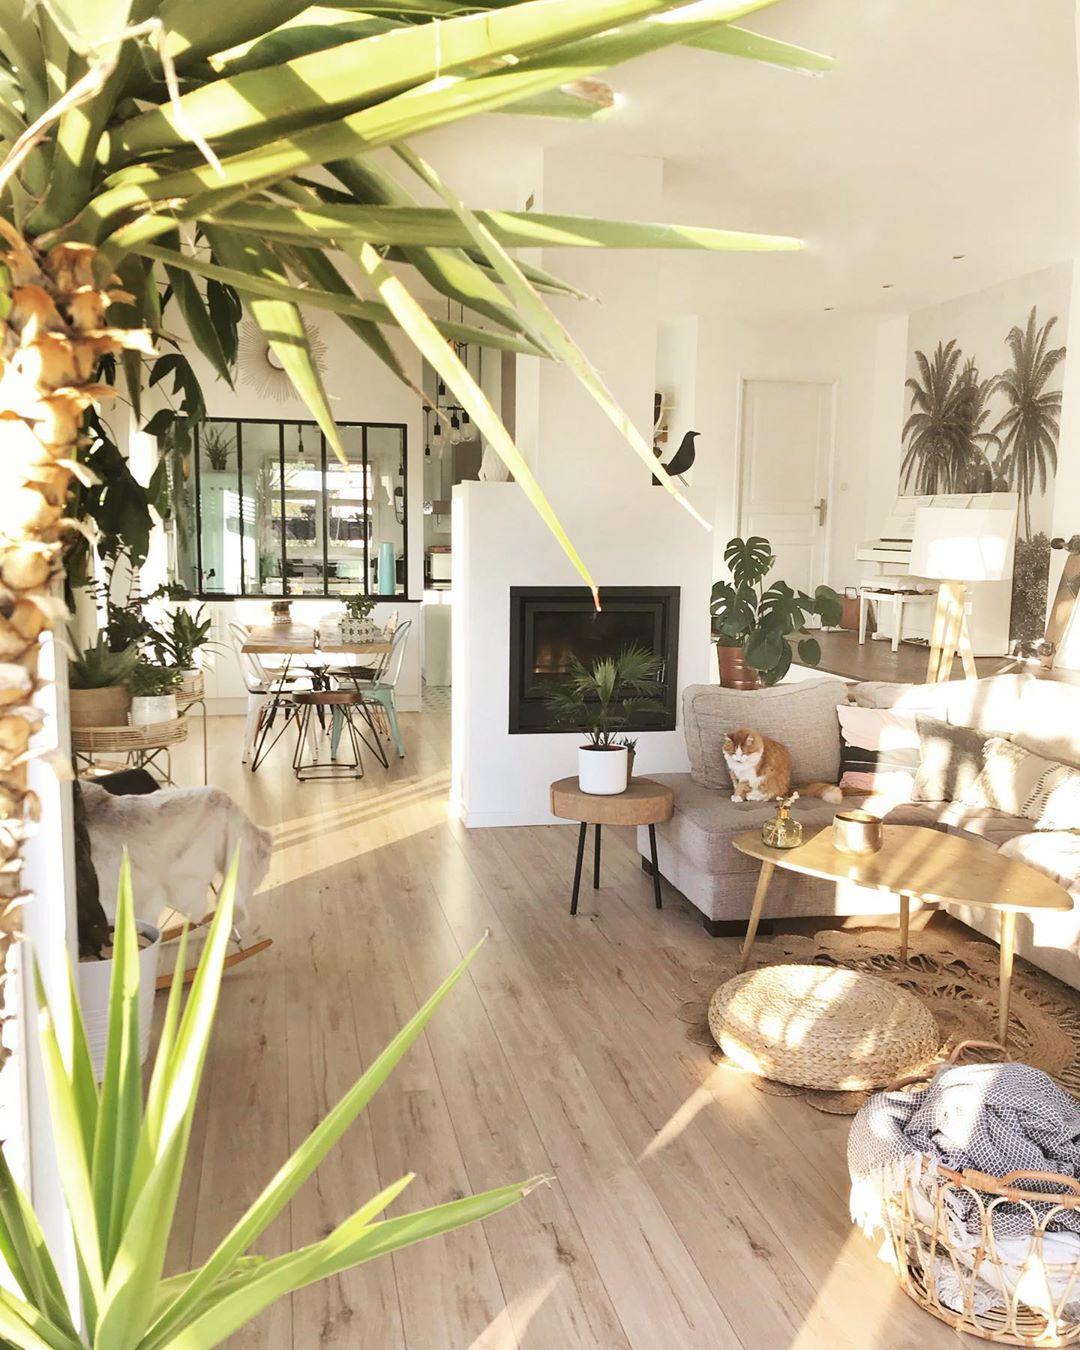 salon déco tropicale table basse bois pouf rond osier papier peint gris végétal